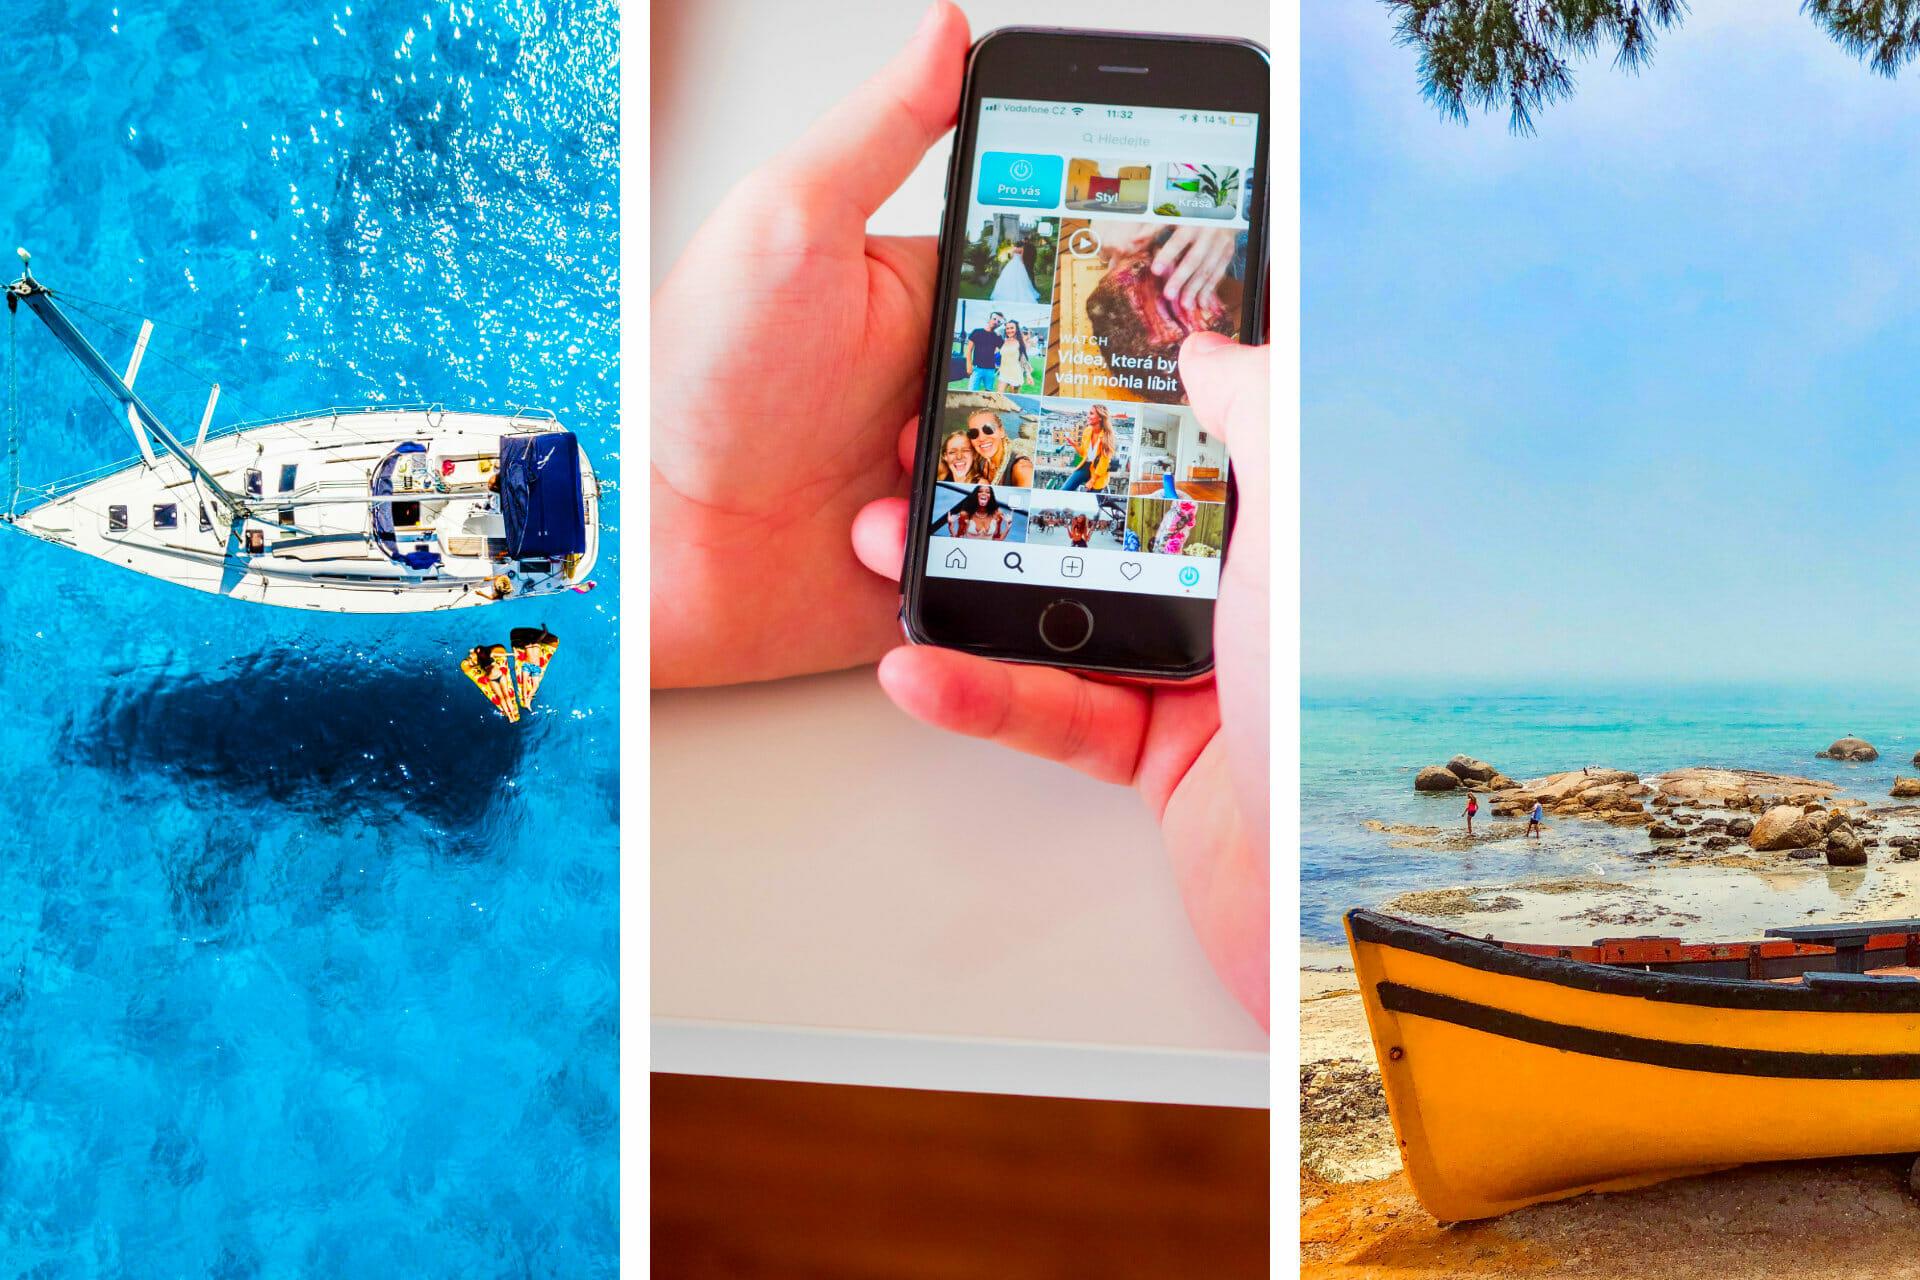 41 Unique Boat Instagram Captions for the Perfect Post via @allamericanatlas